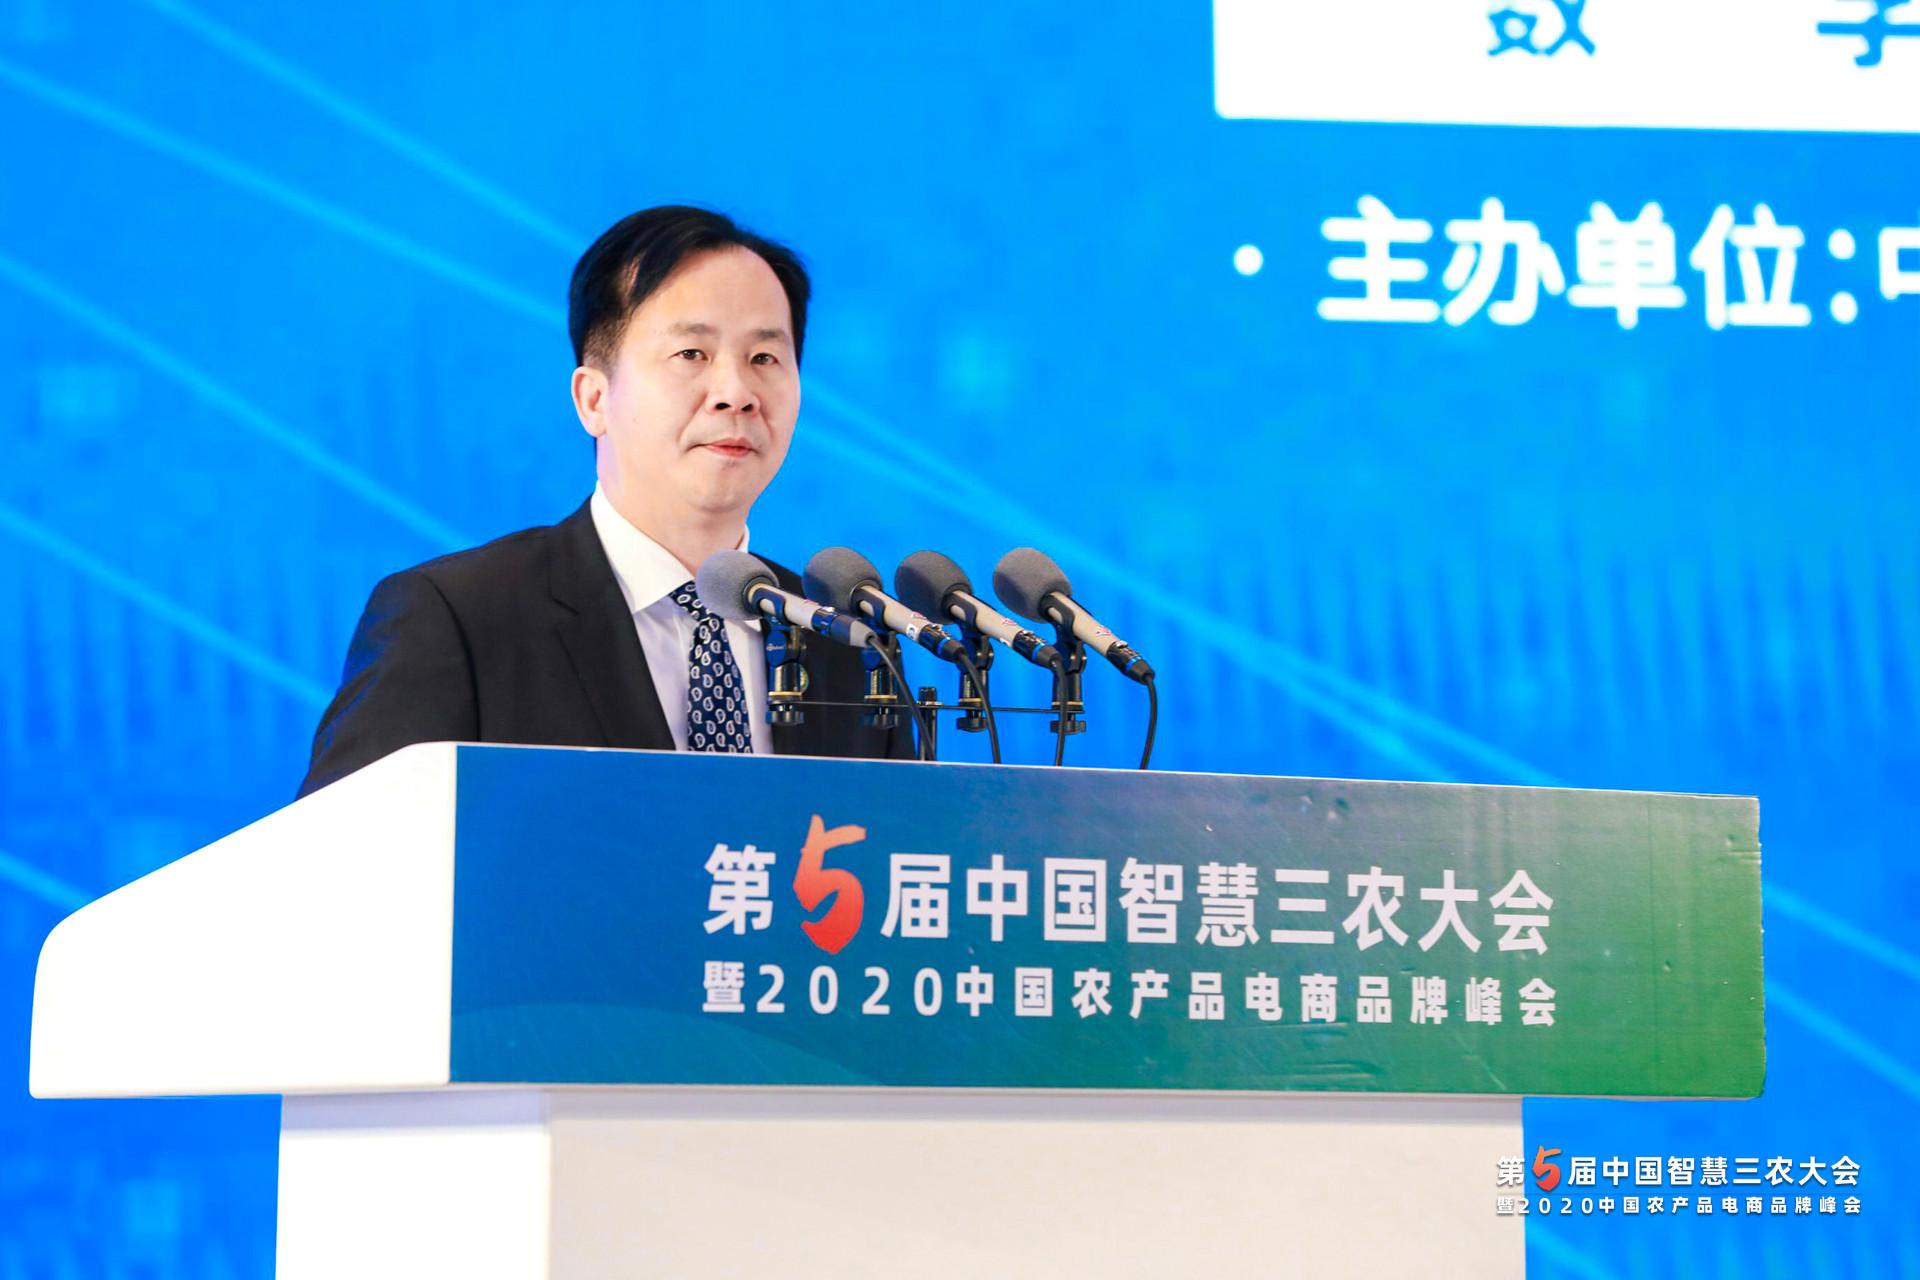 智慧三農專委會會長彭李輝分享未來工作八個綱要